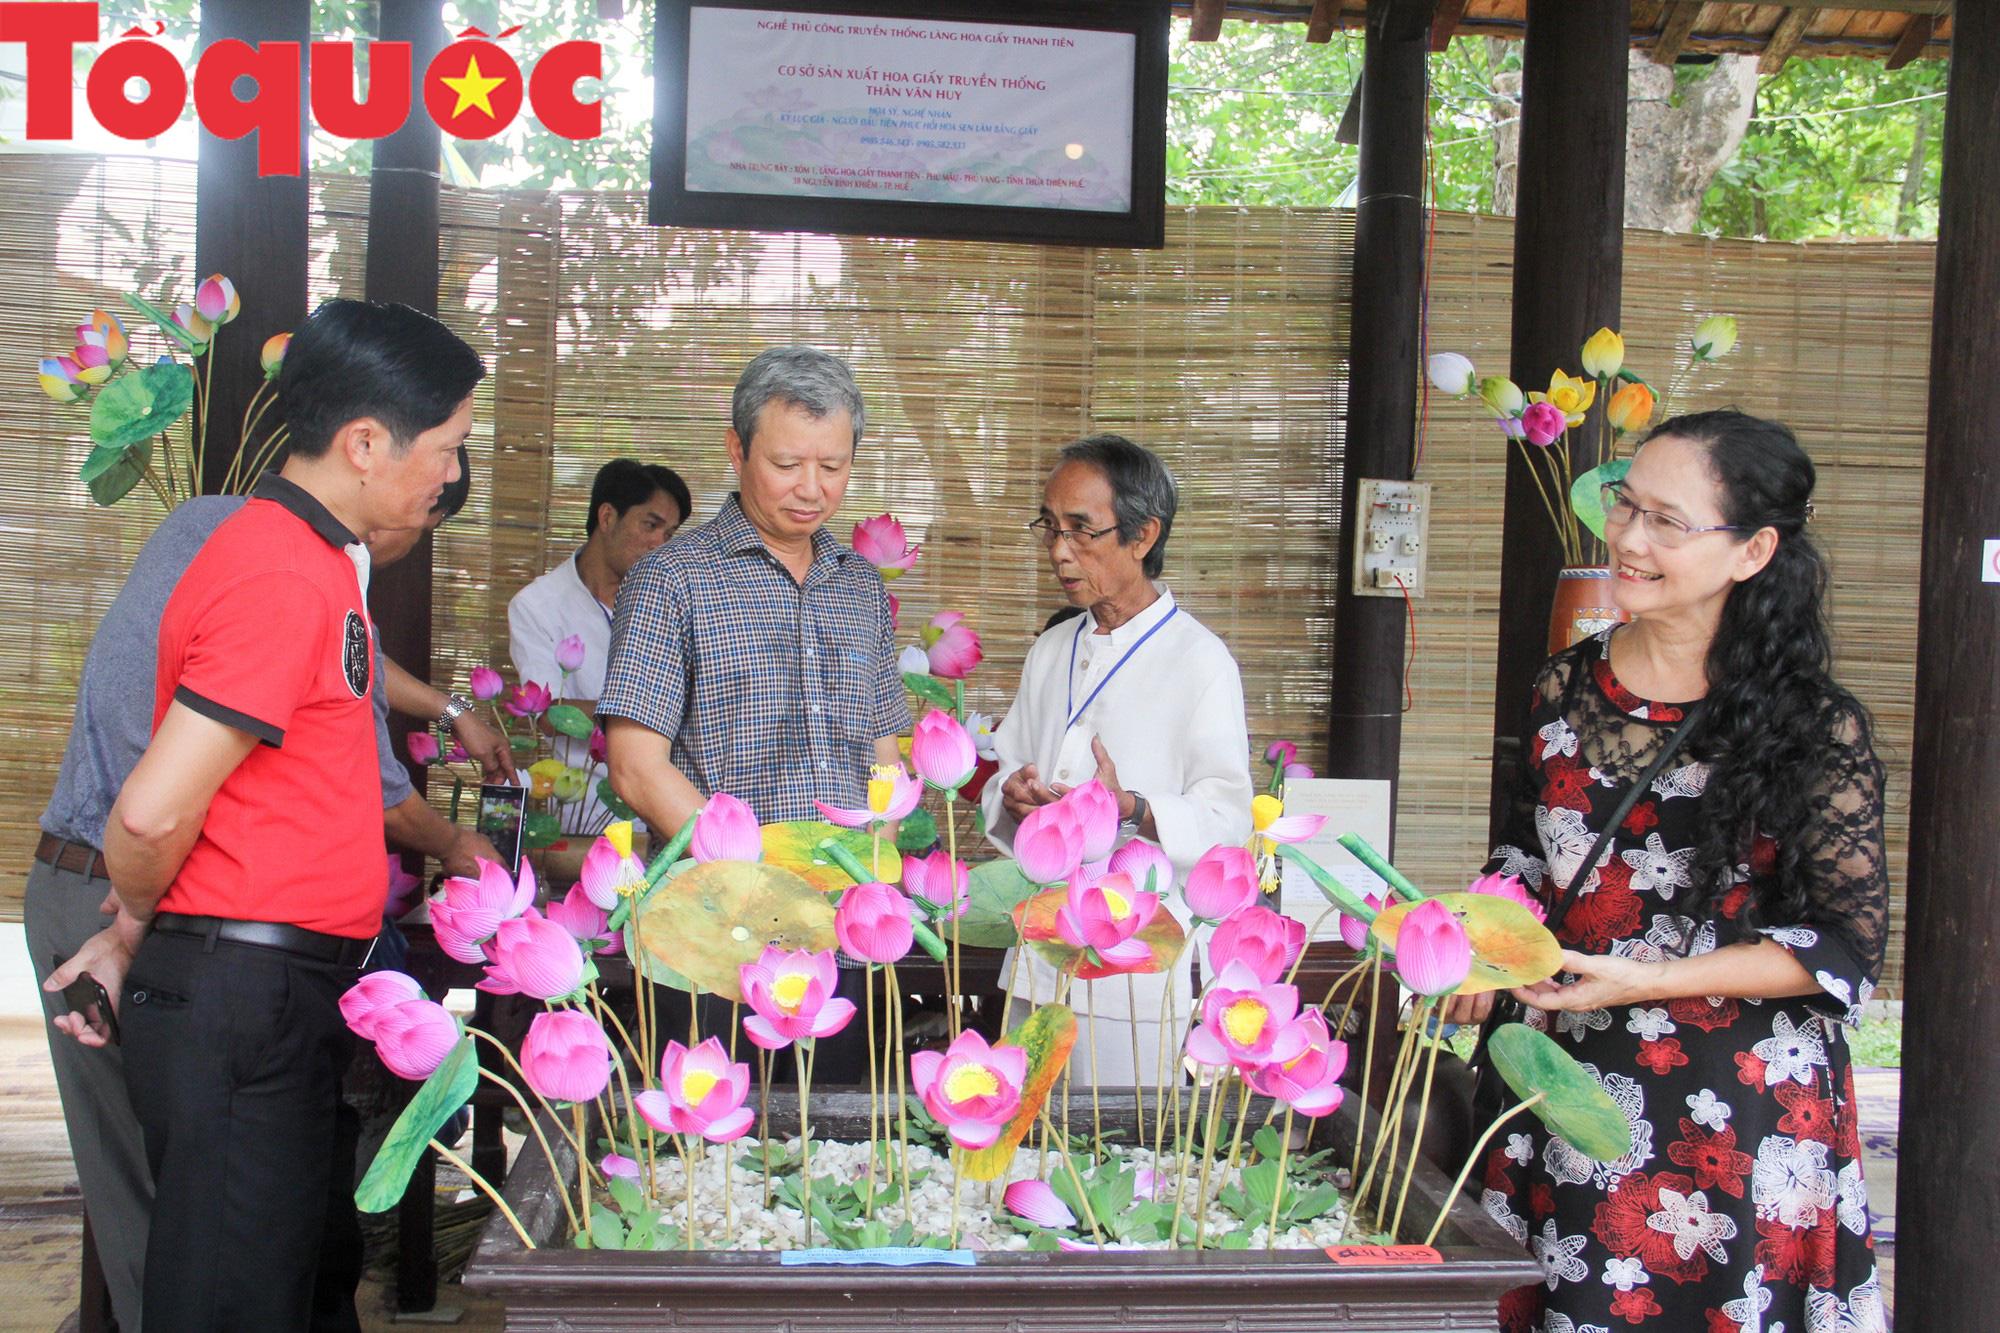 Tinh hoa làng nghề Việt hội tụ bên dòng sông Hương - Ảnh 5.